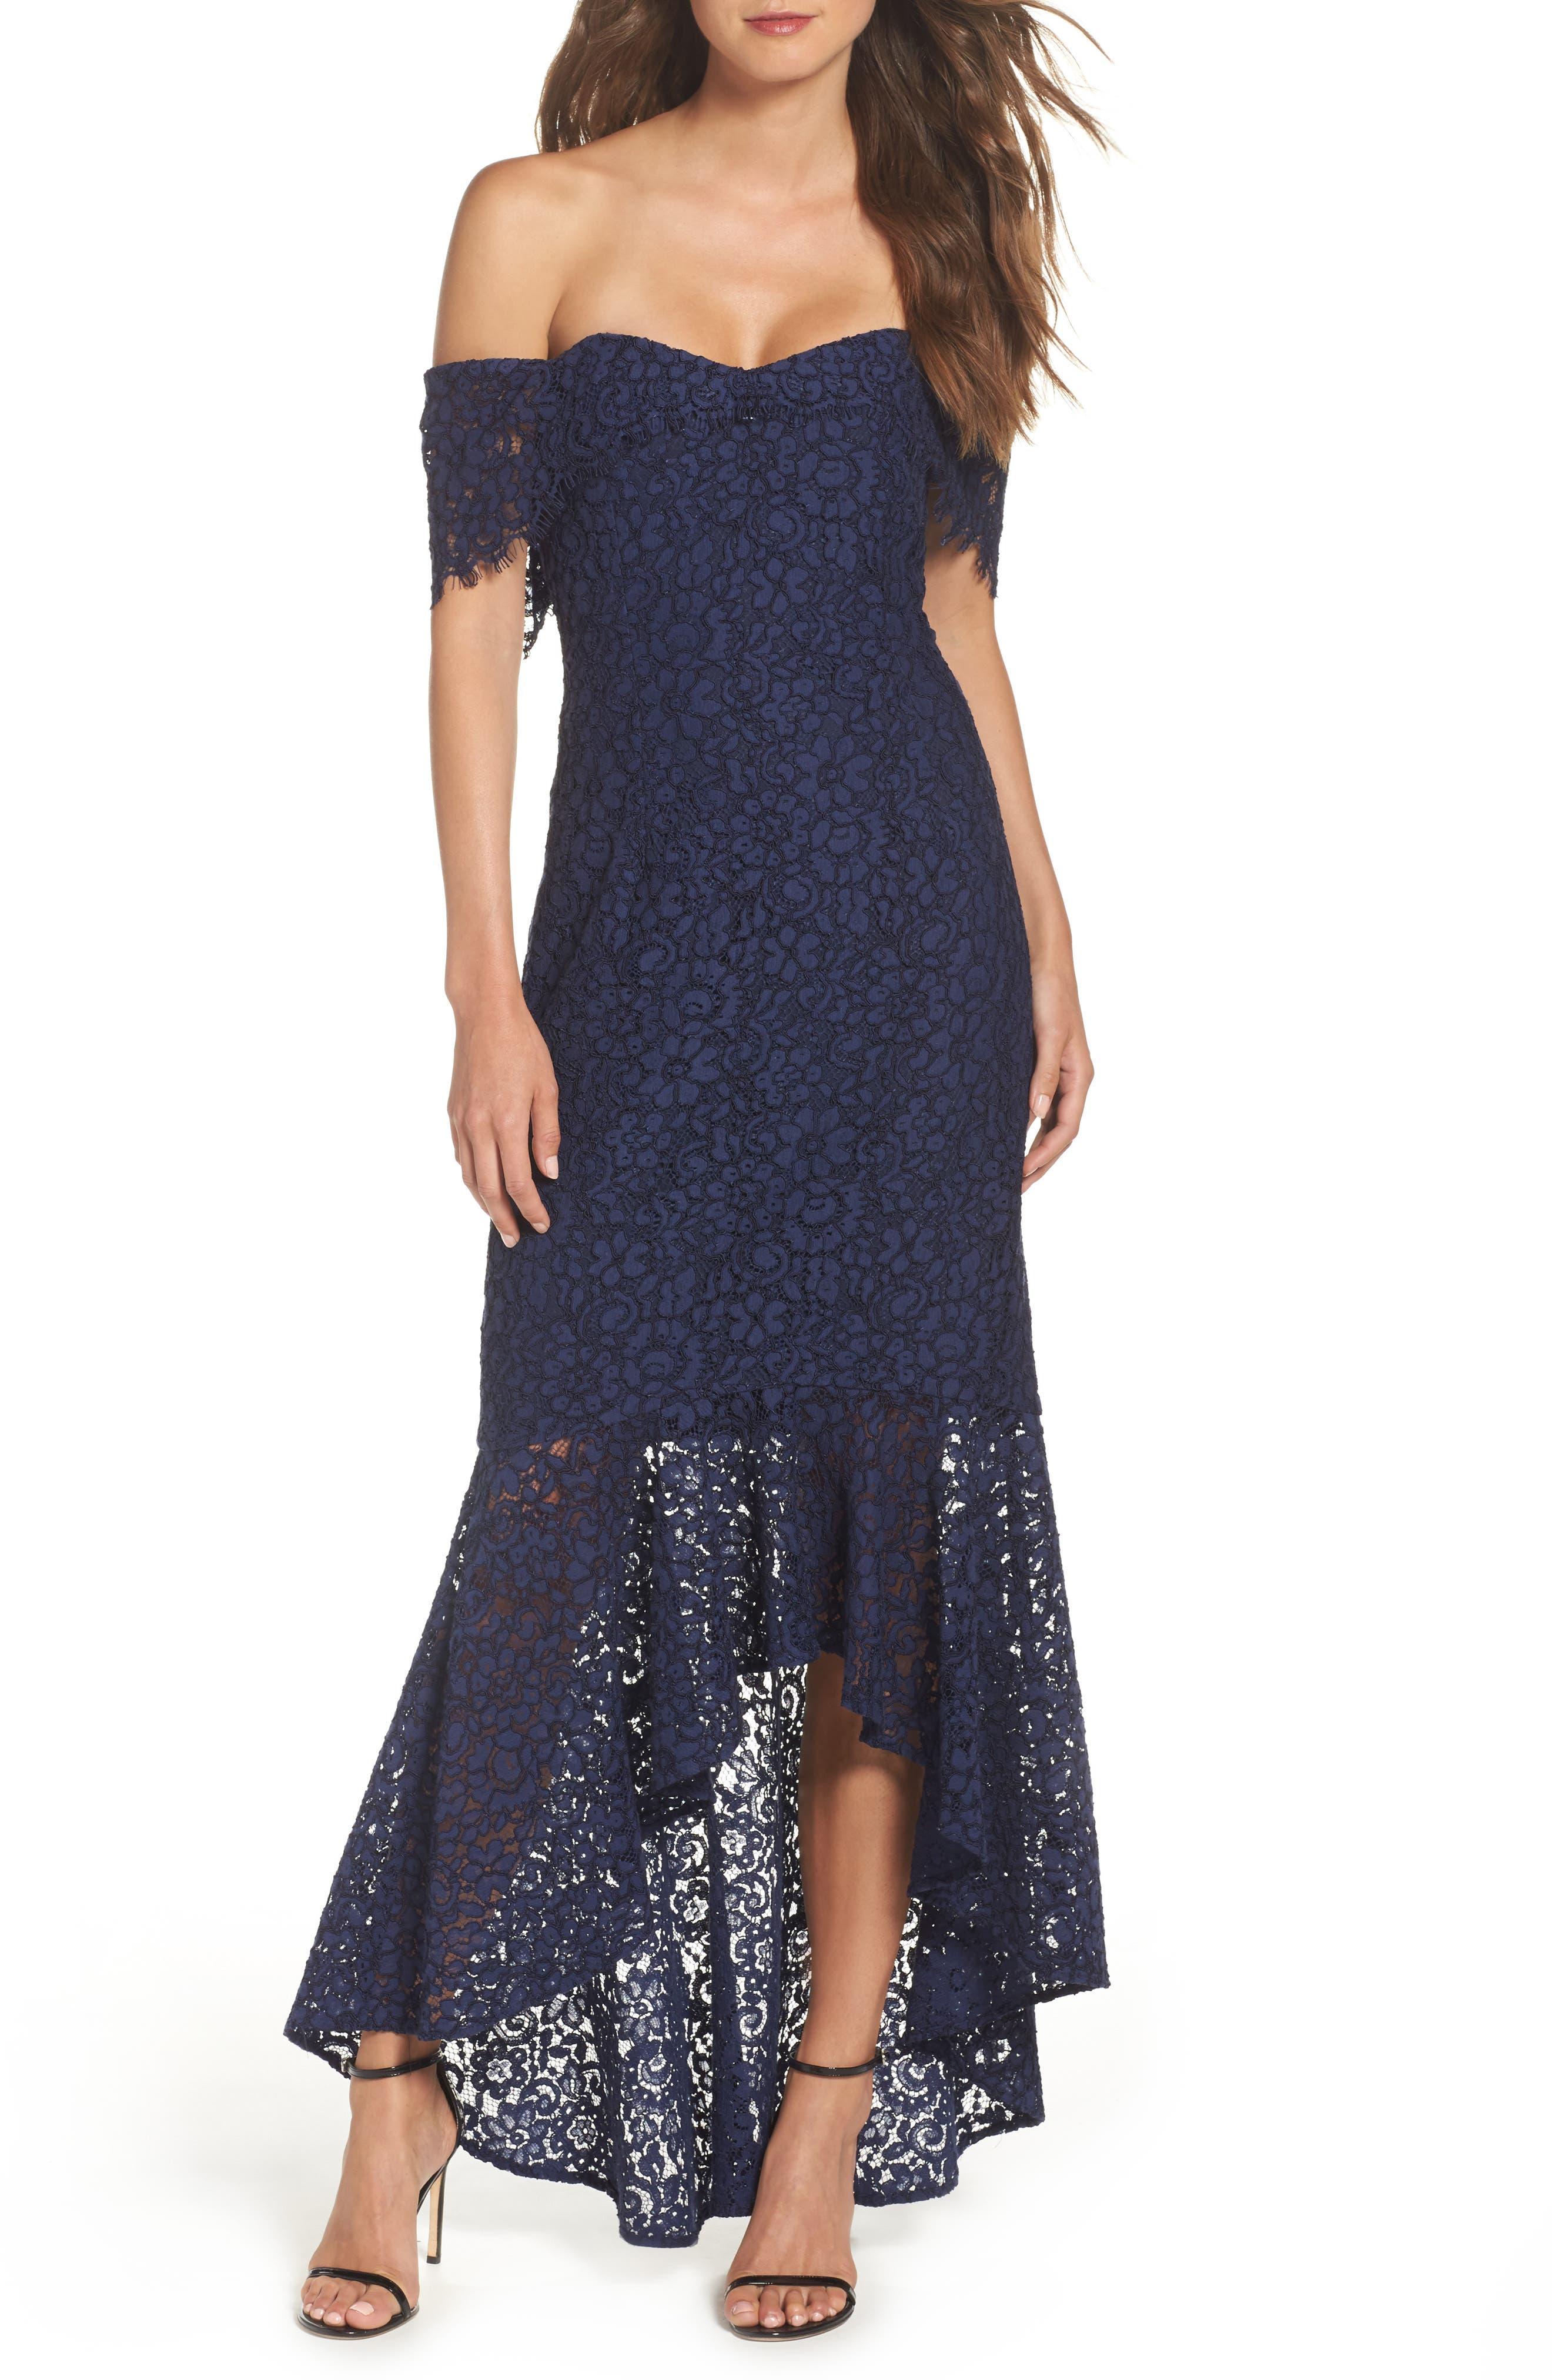 Vanowen Lace Off the Shoulder Gown,                             Main thumbnail 1, color,                             414